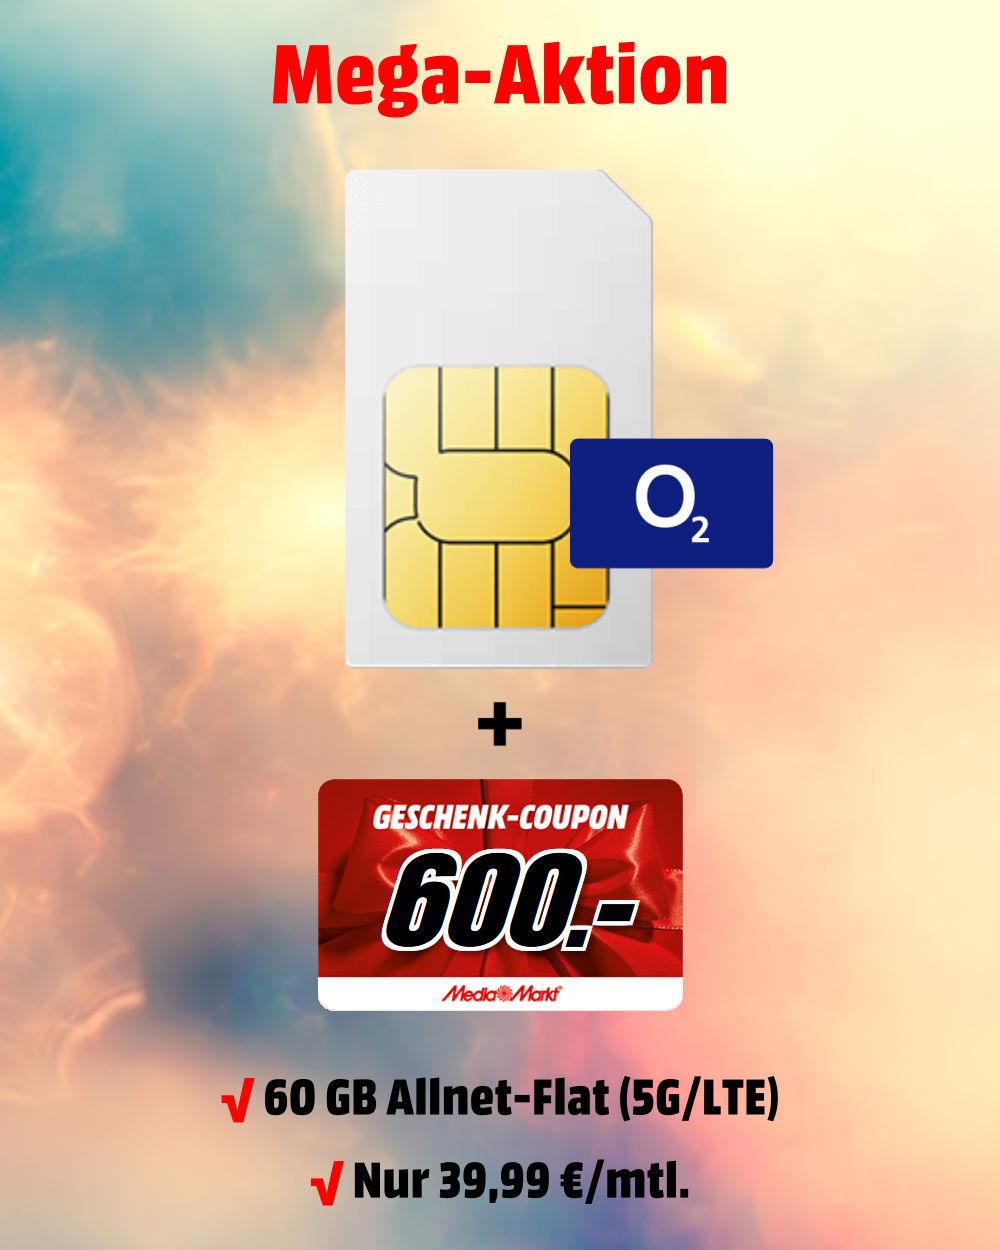 60 GB 5G-LTE Allnet-Flat mit 600 € MediaMarkt-Coupon zum absoluten Bestpreis